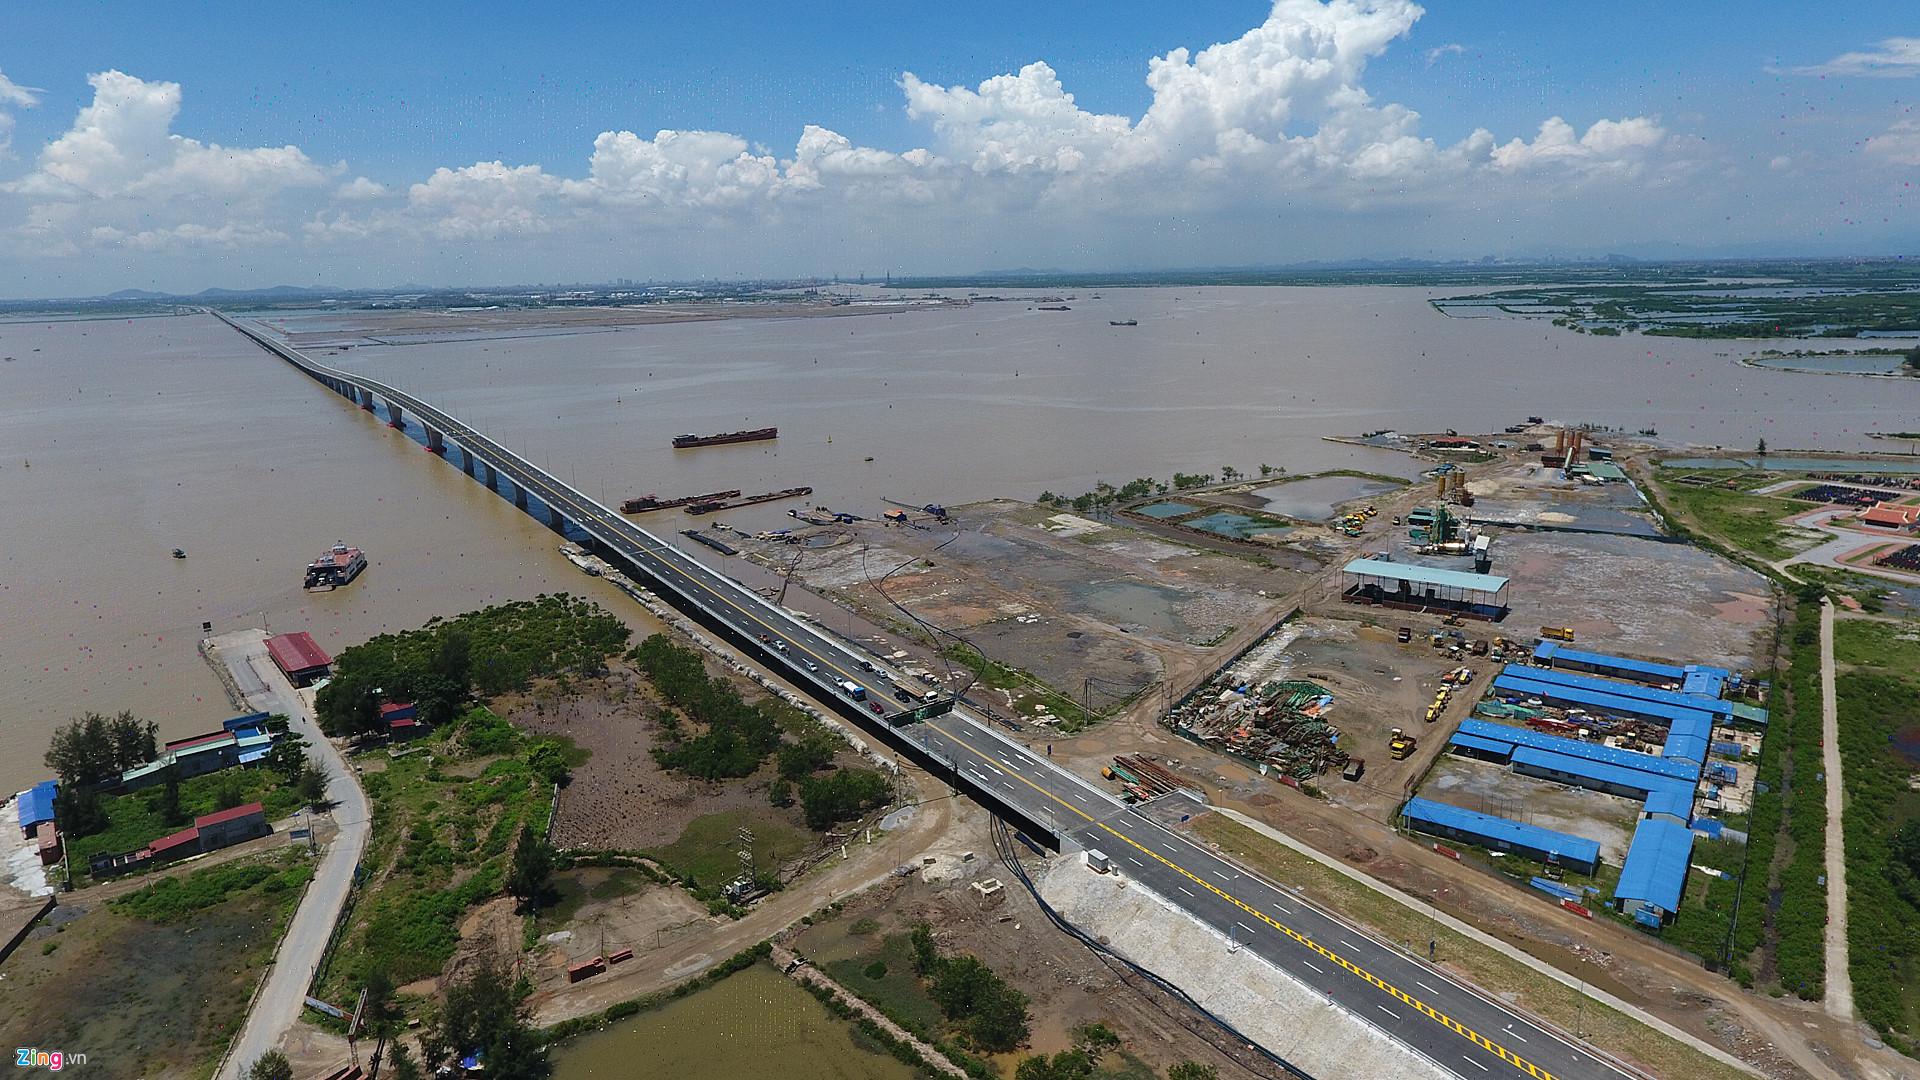 Tân Vũ - Lạch Huyện, cầu vượt biển dài nhất Việt Nam